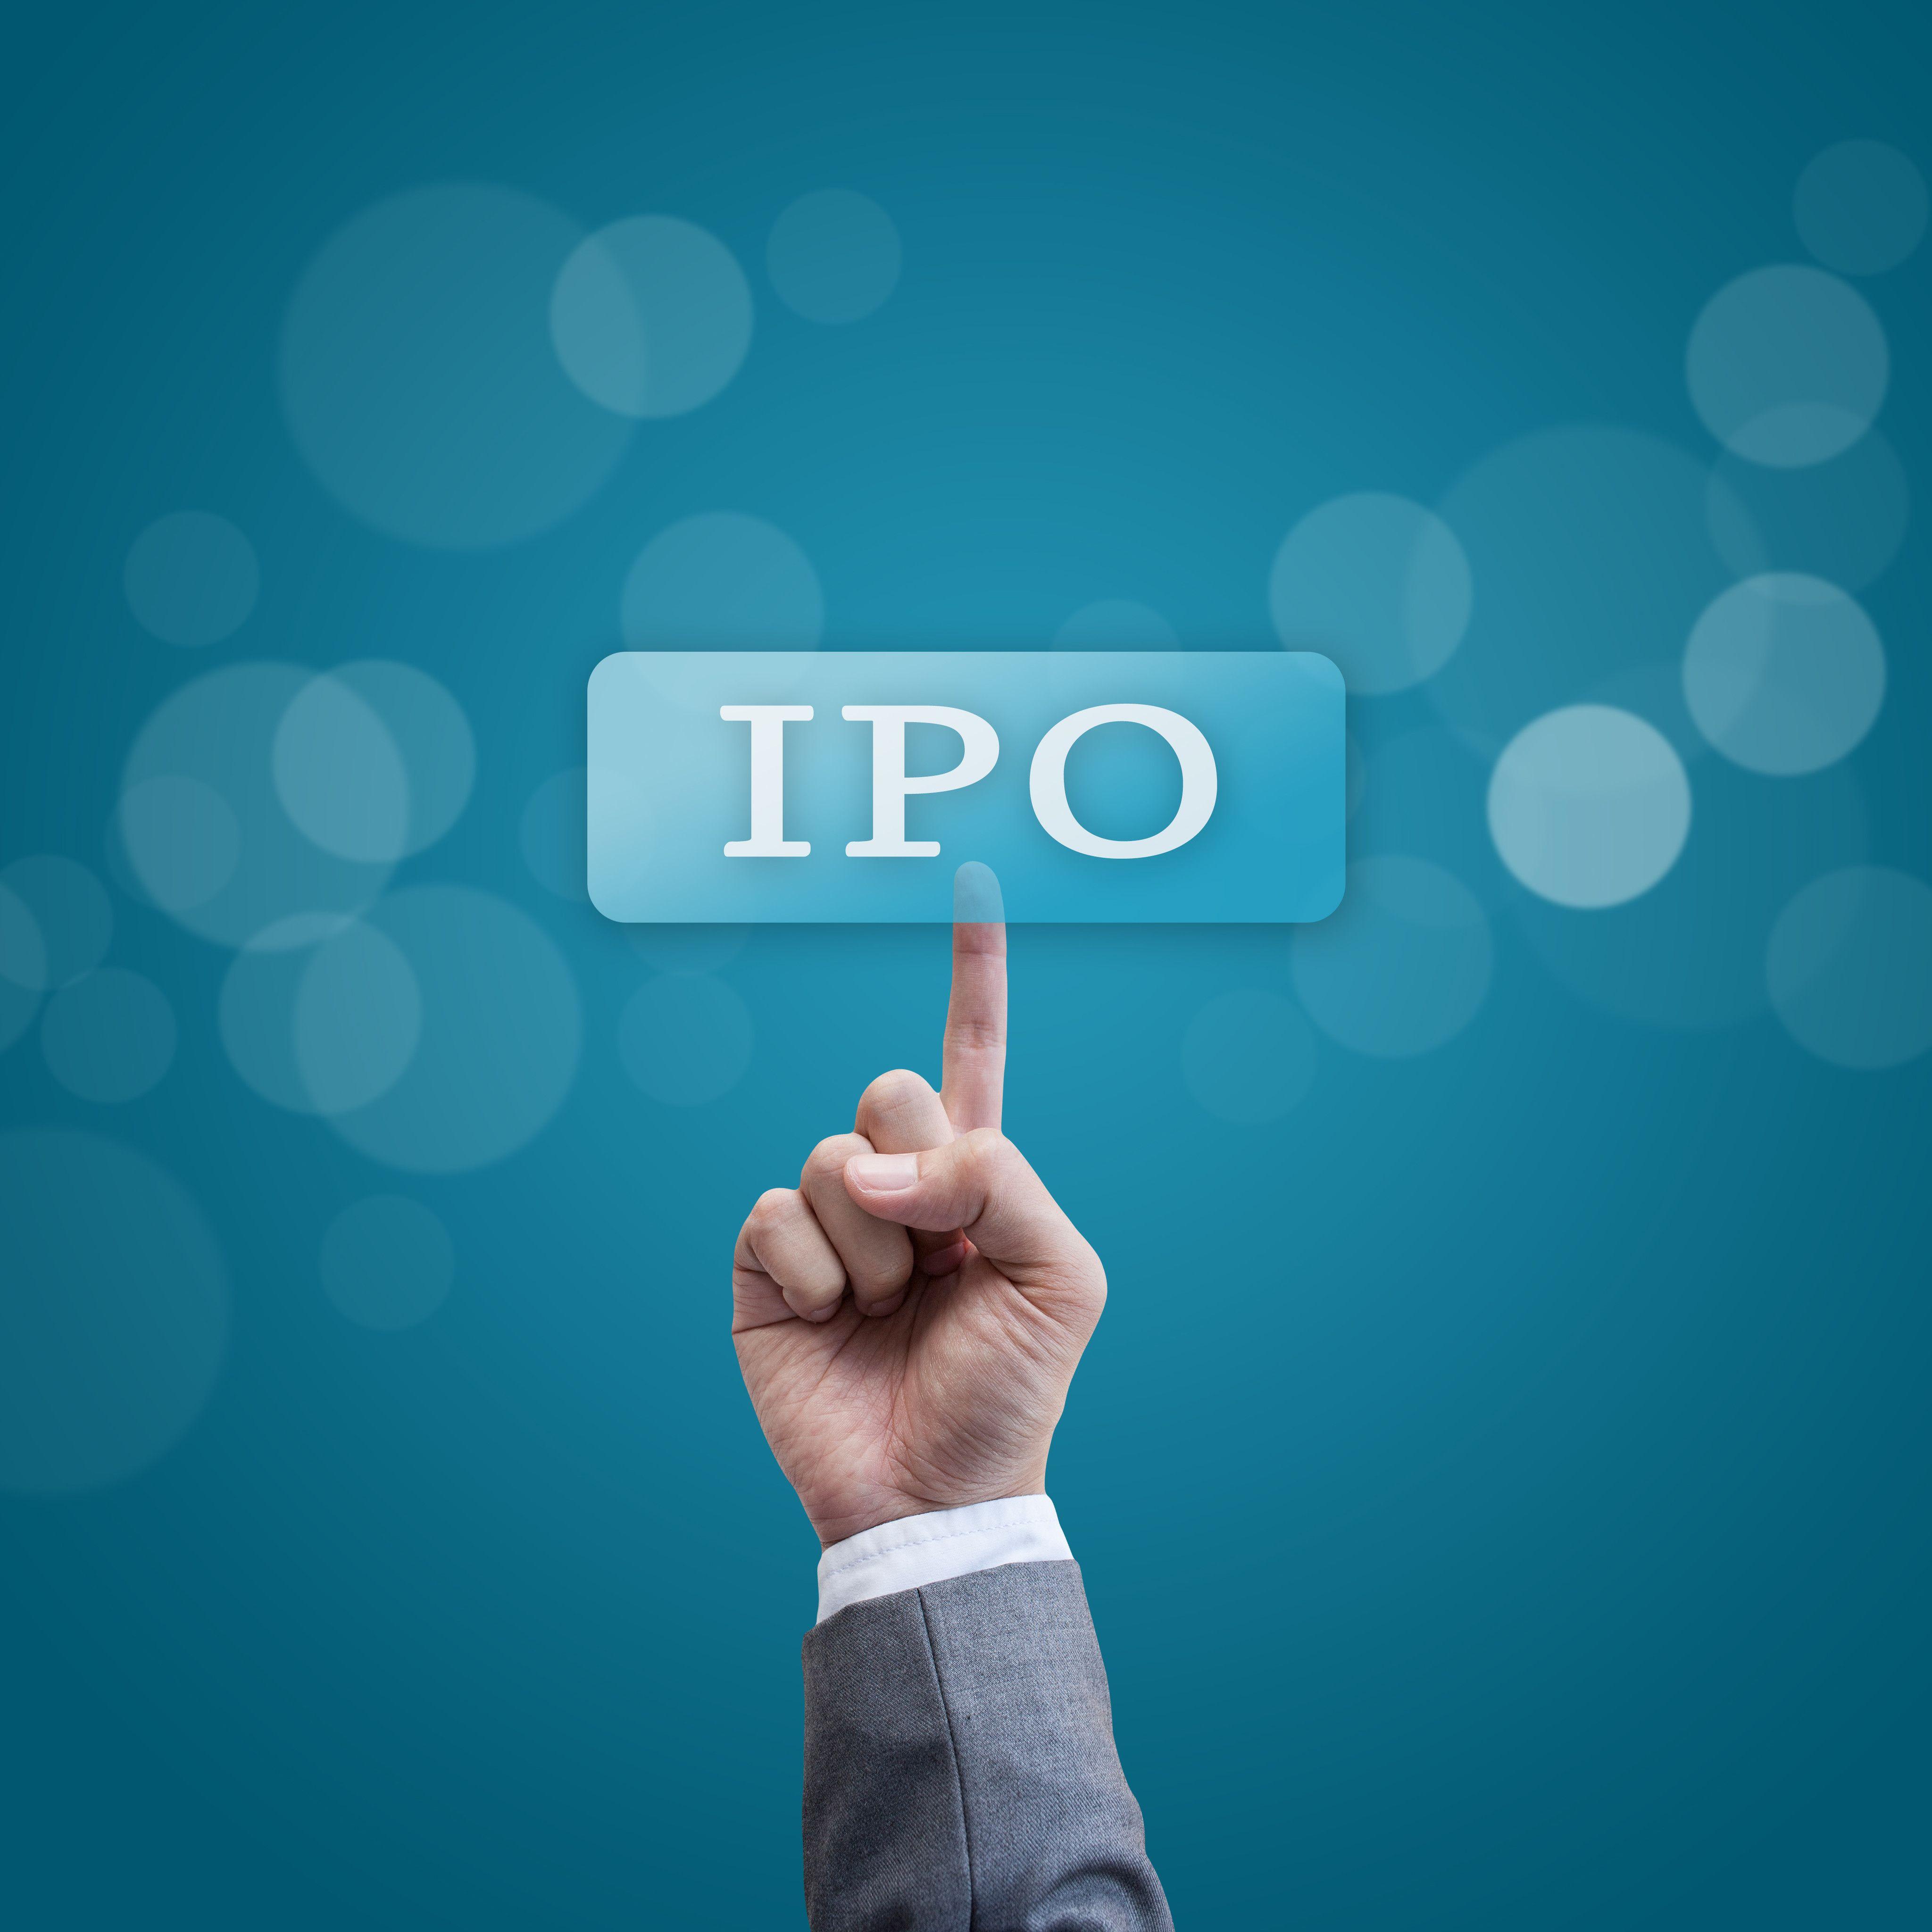 Pasauliniai IPO, kurie gali sudominti Lietuvos investuotojus